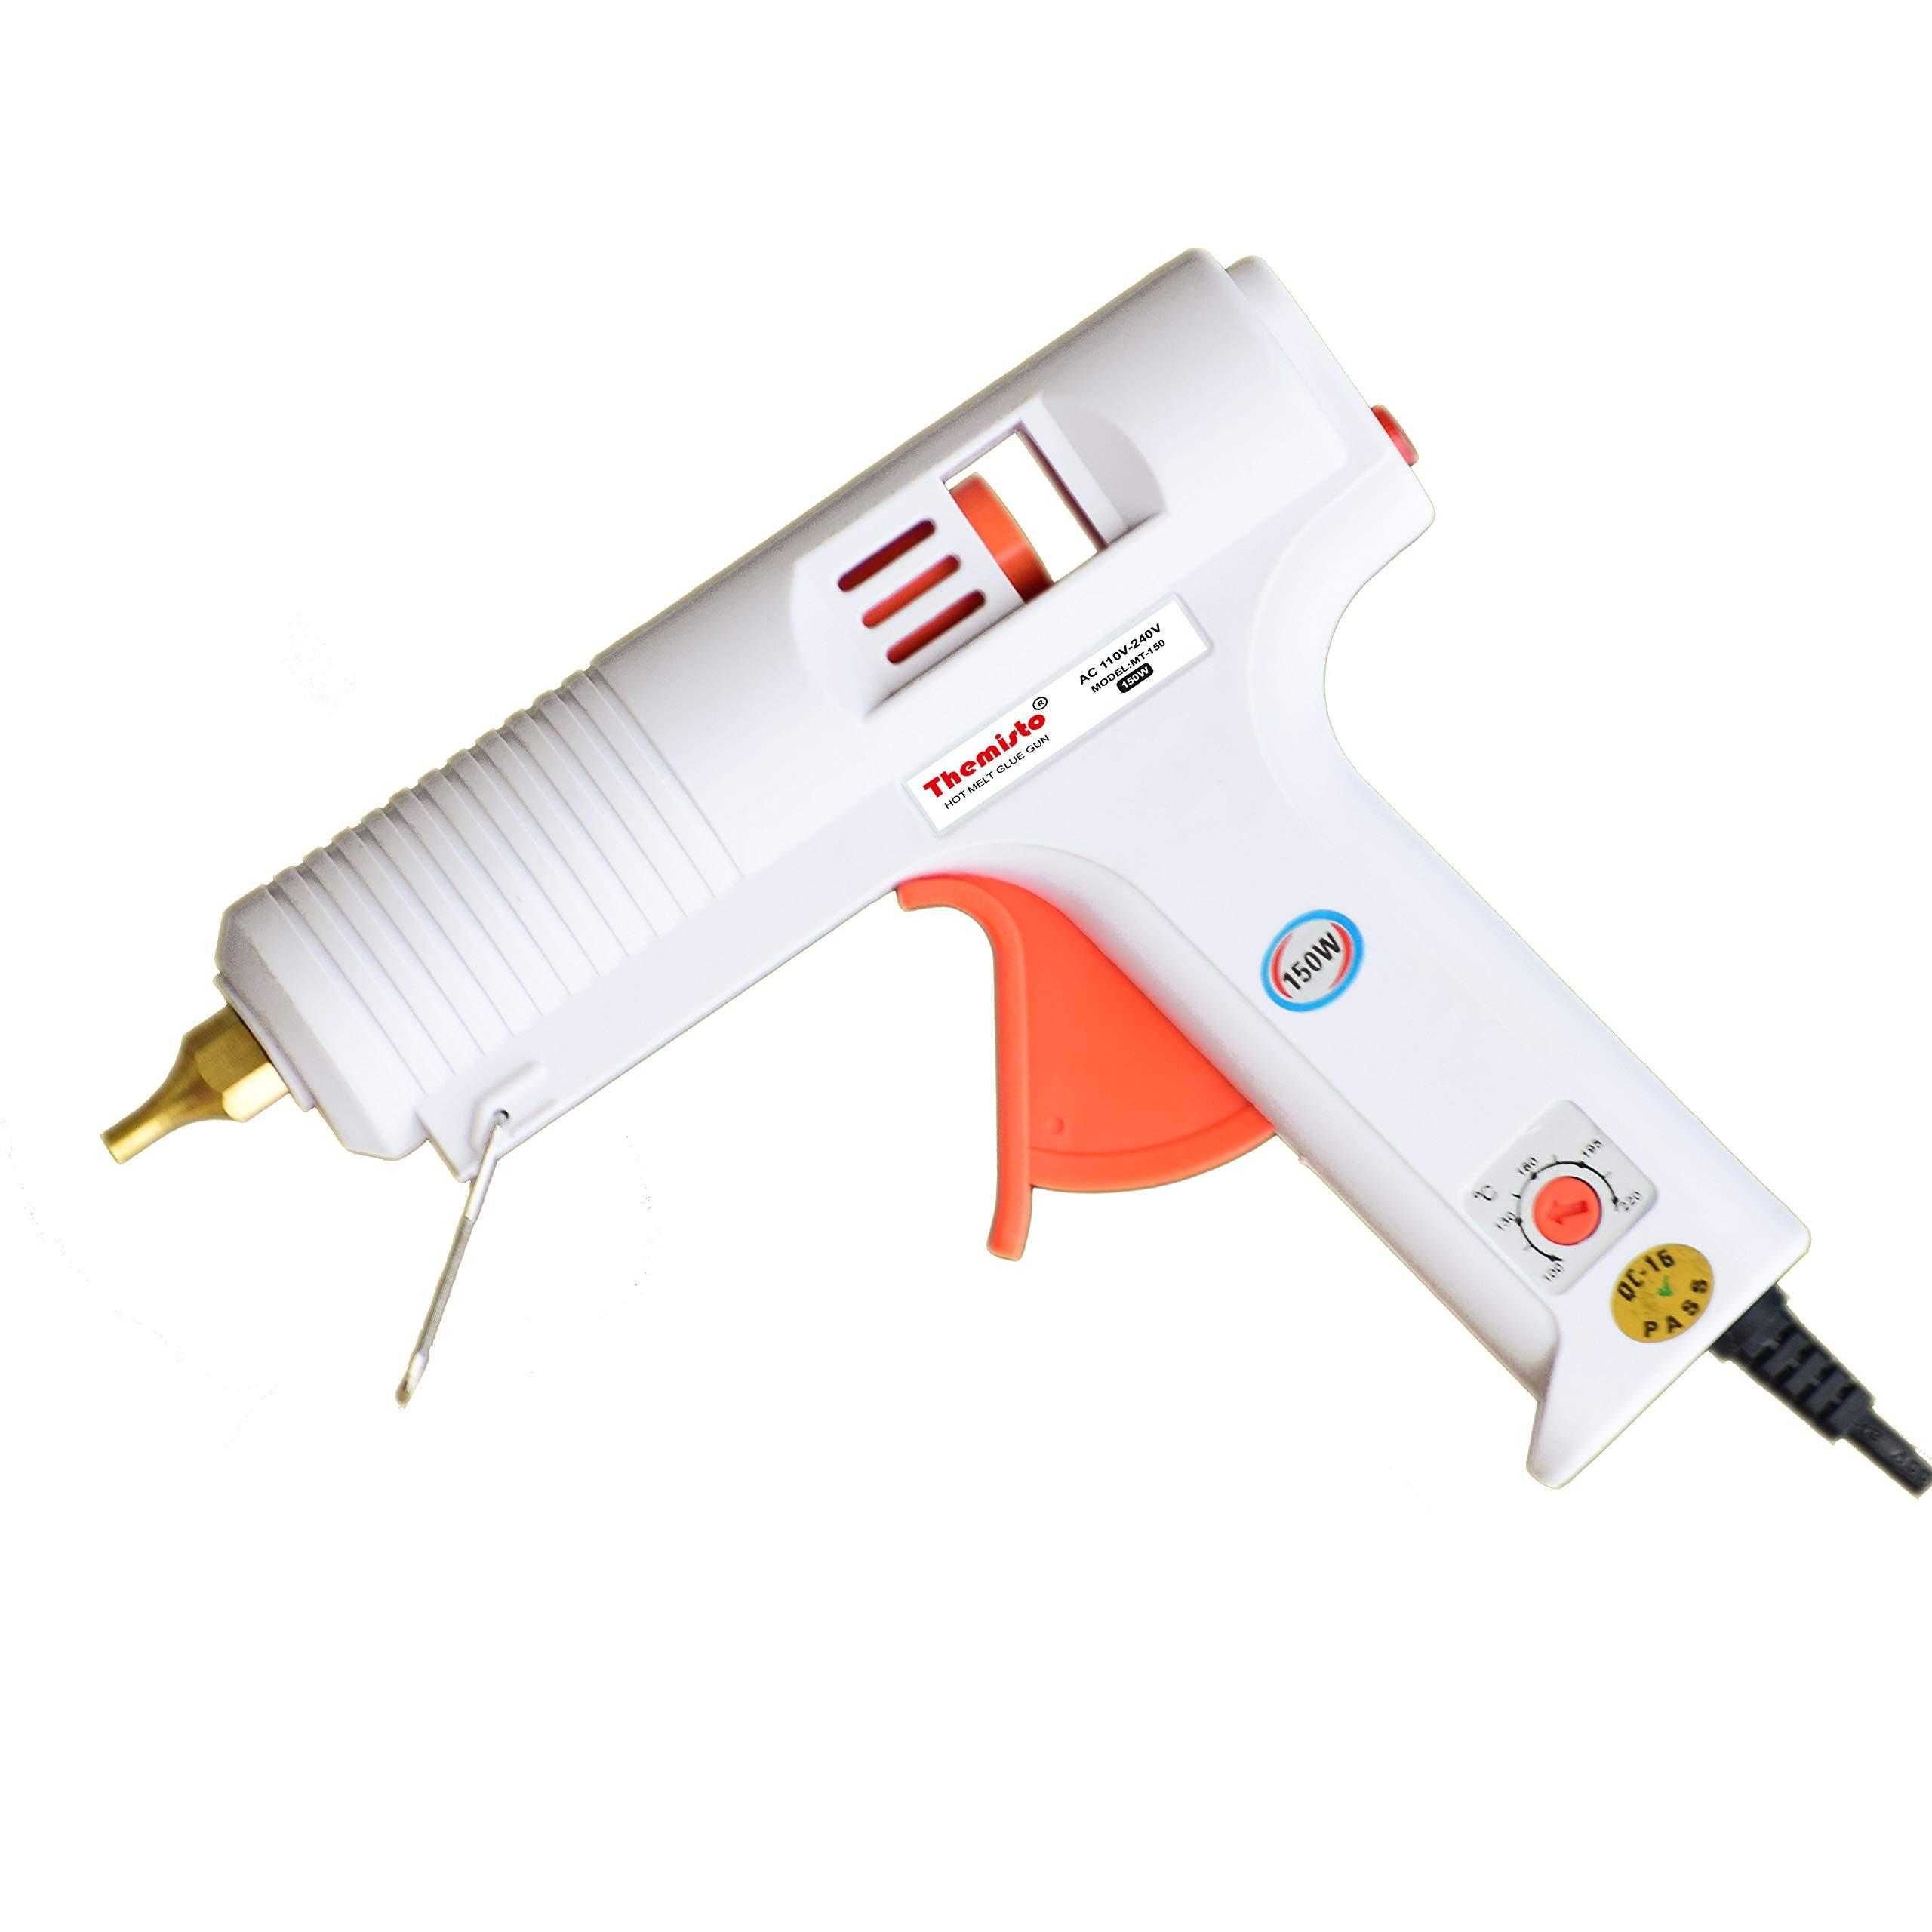 10PC Hot Melt Glue Stick 11mm Translucent  fit Repair Tool /& Silicon Glue Gun